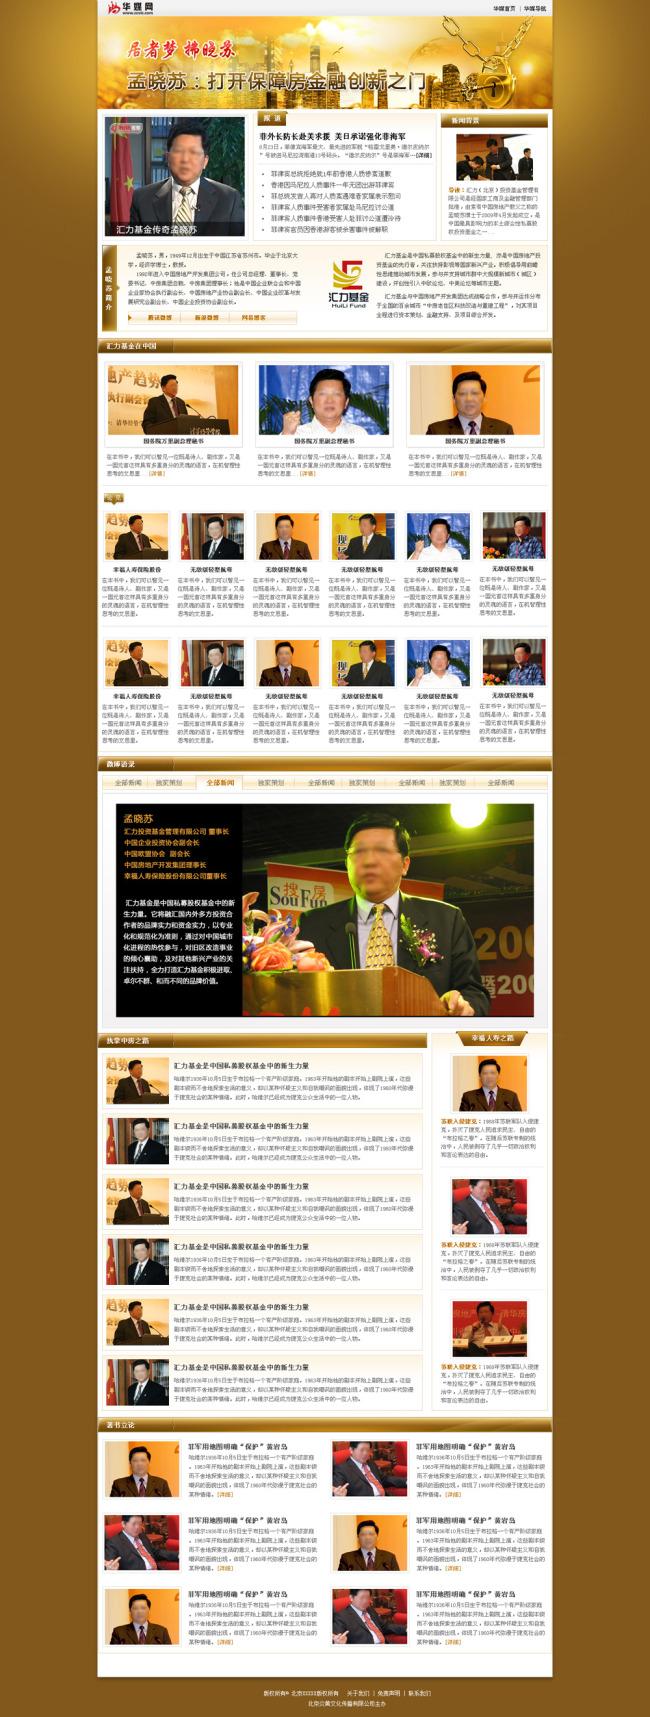 财经资讯_【psd】新闻专题网页模版财经网页专题网站设计